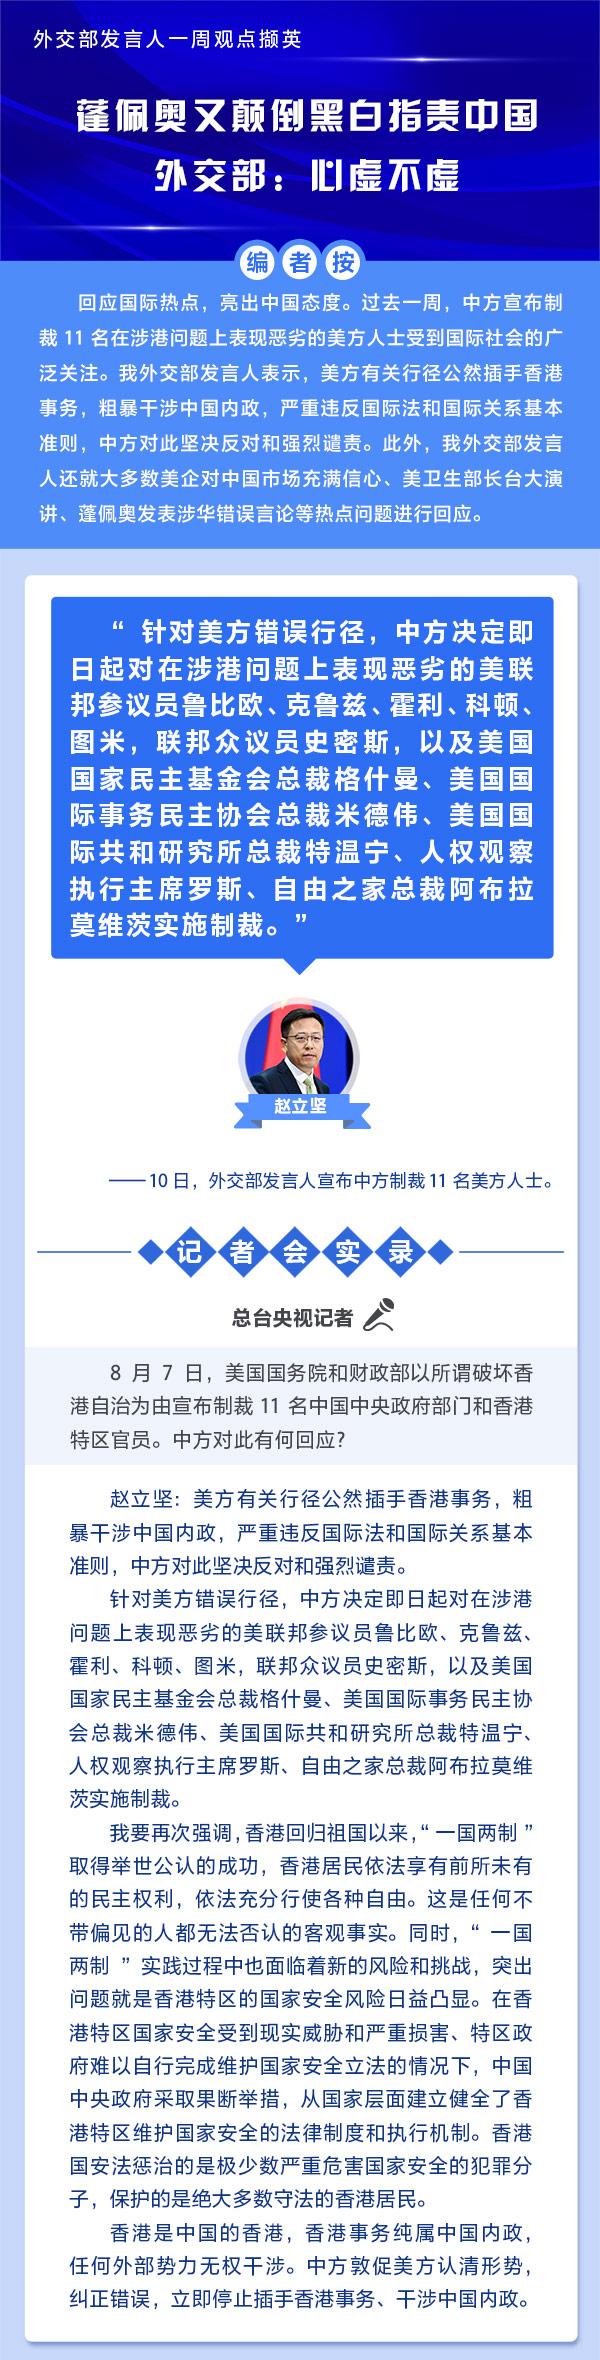 蓬佩奥又颠倒黑白指责中国外交部:心虚不虚